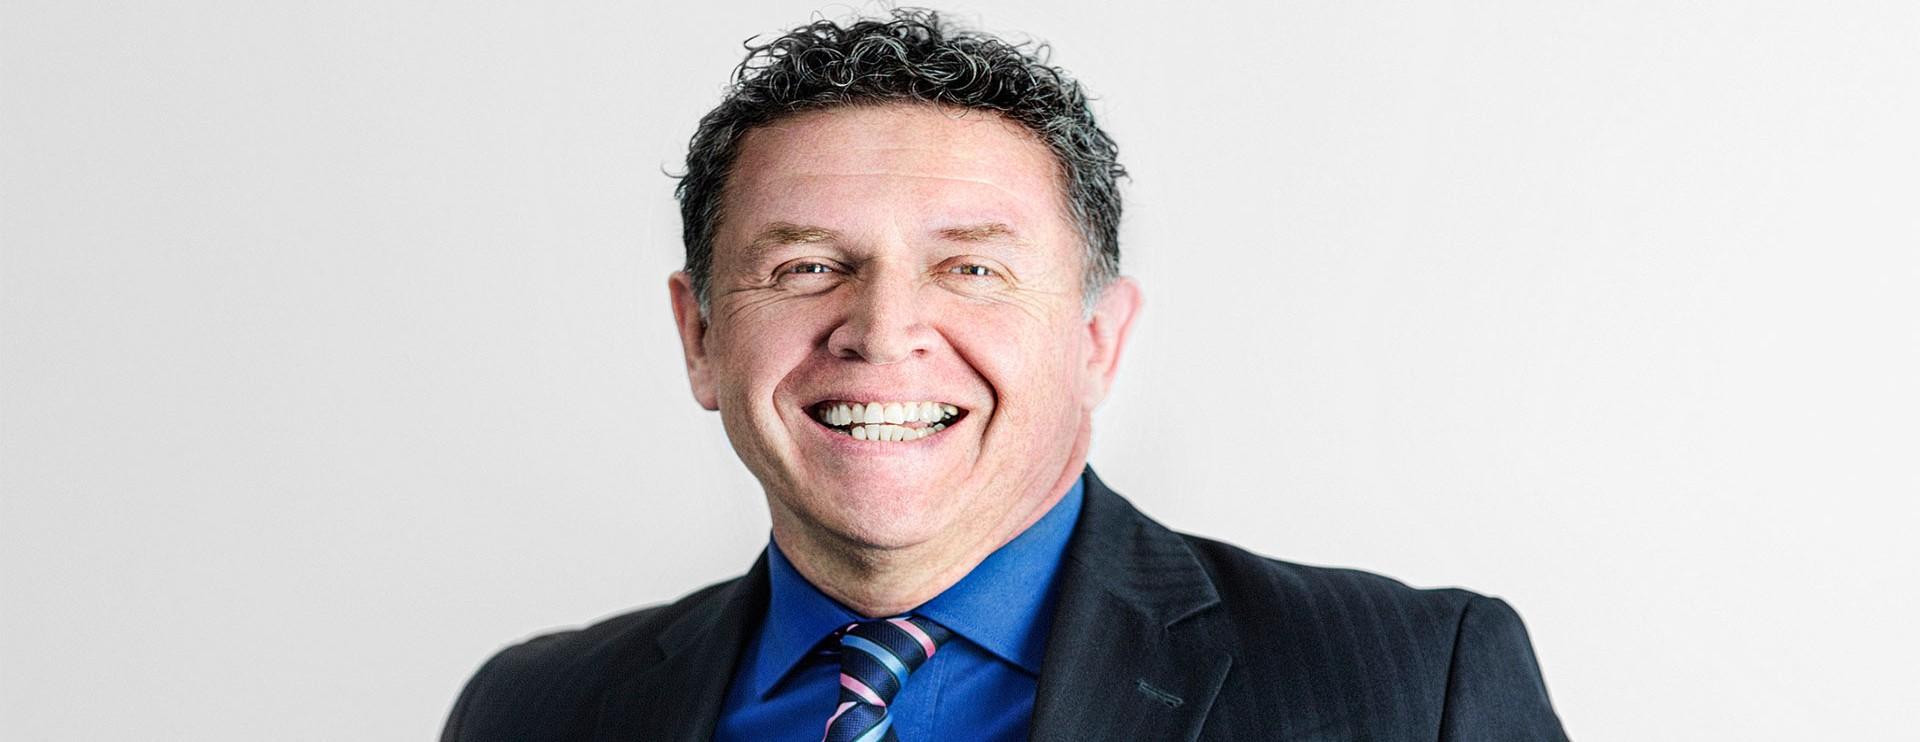 Mauricio Pesquera Portrait